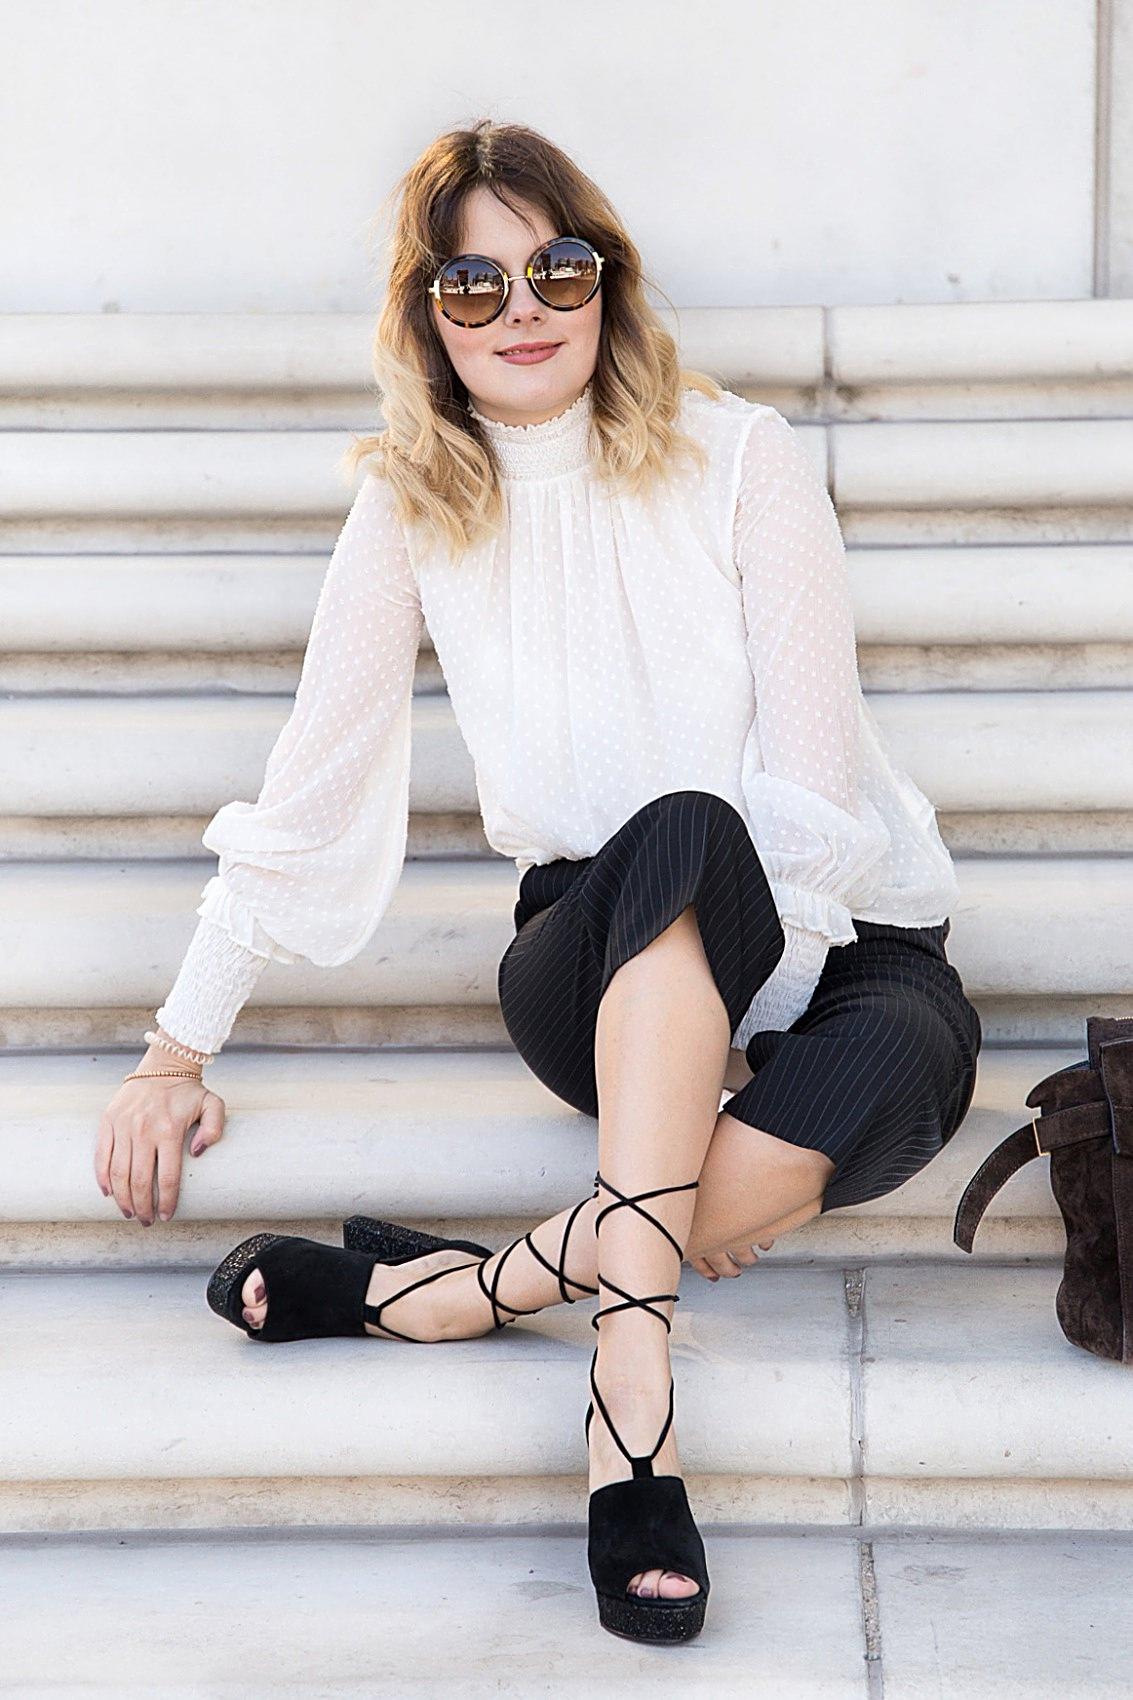 Schickes Outfit zum Ausgehen - Culottes und transparente Bluse